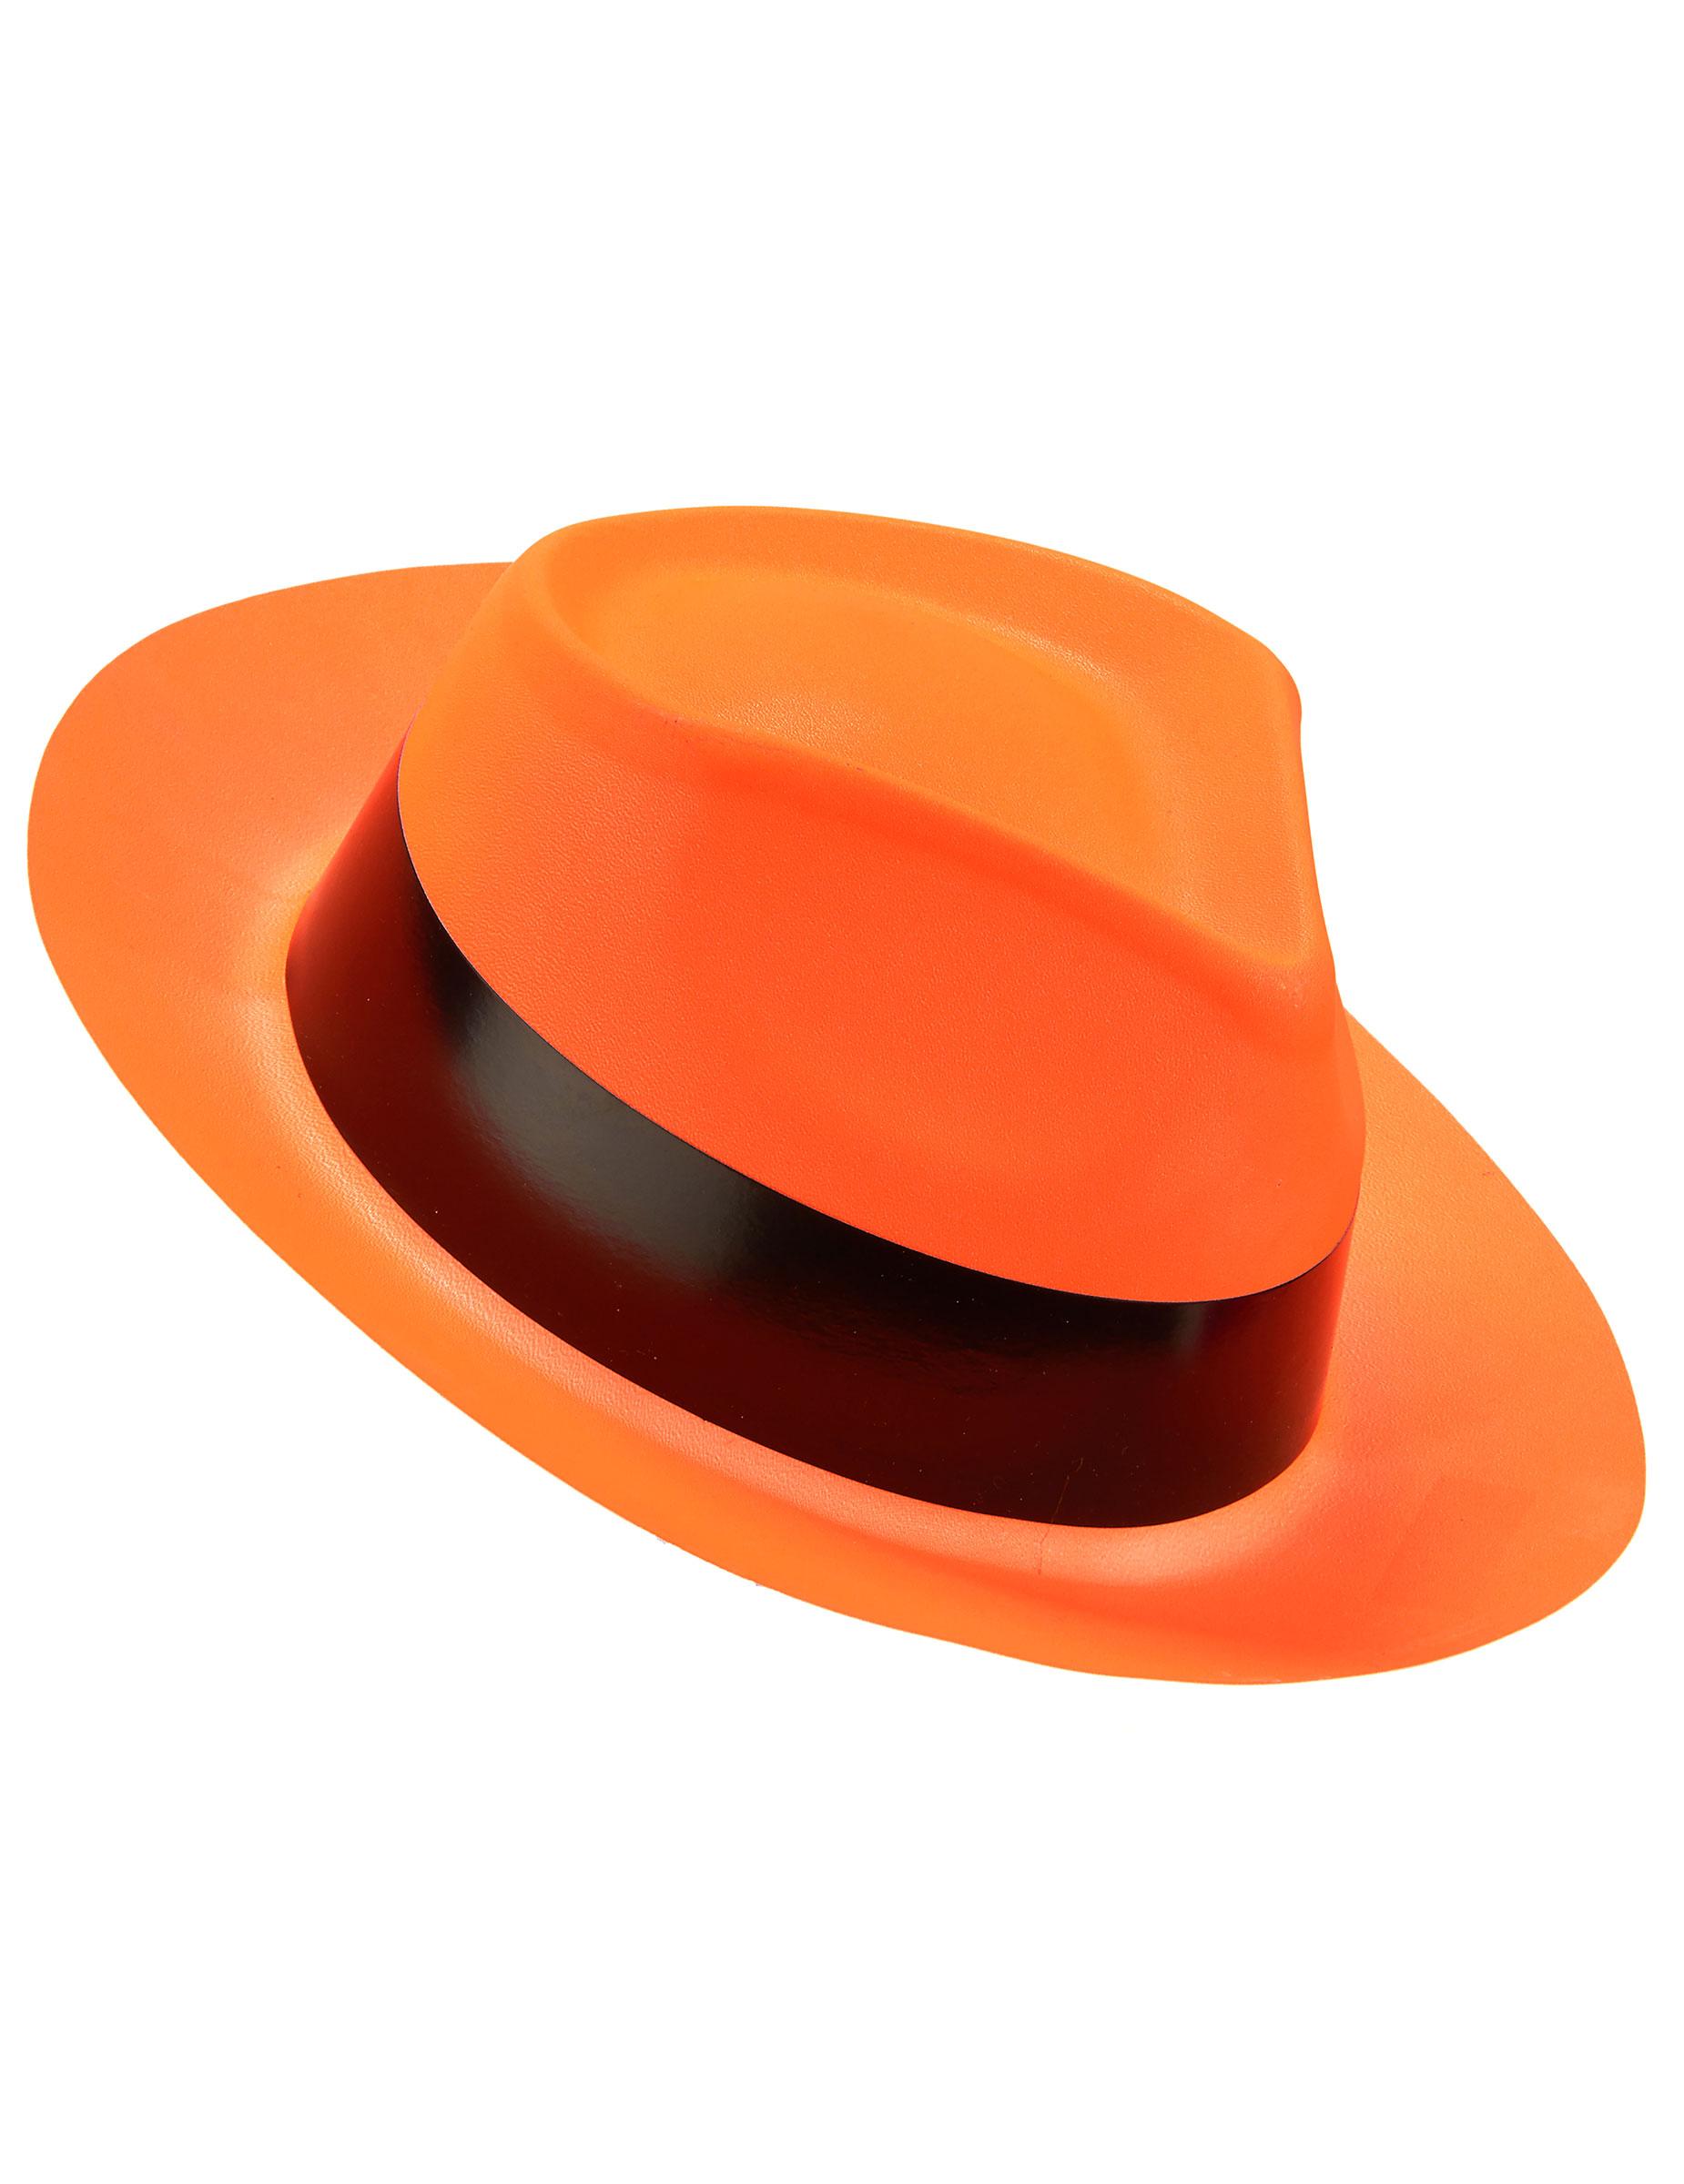 Sombreros Fluo y Fosforito Menos de 10€ para disfraces y fiestas de ... 14d067284eb